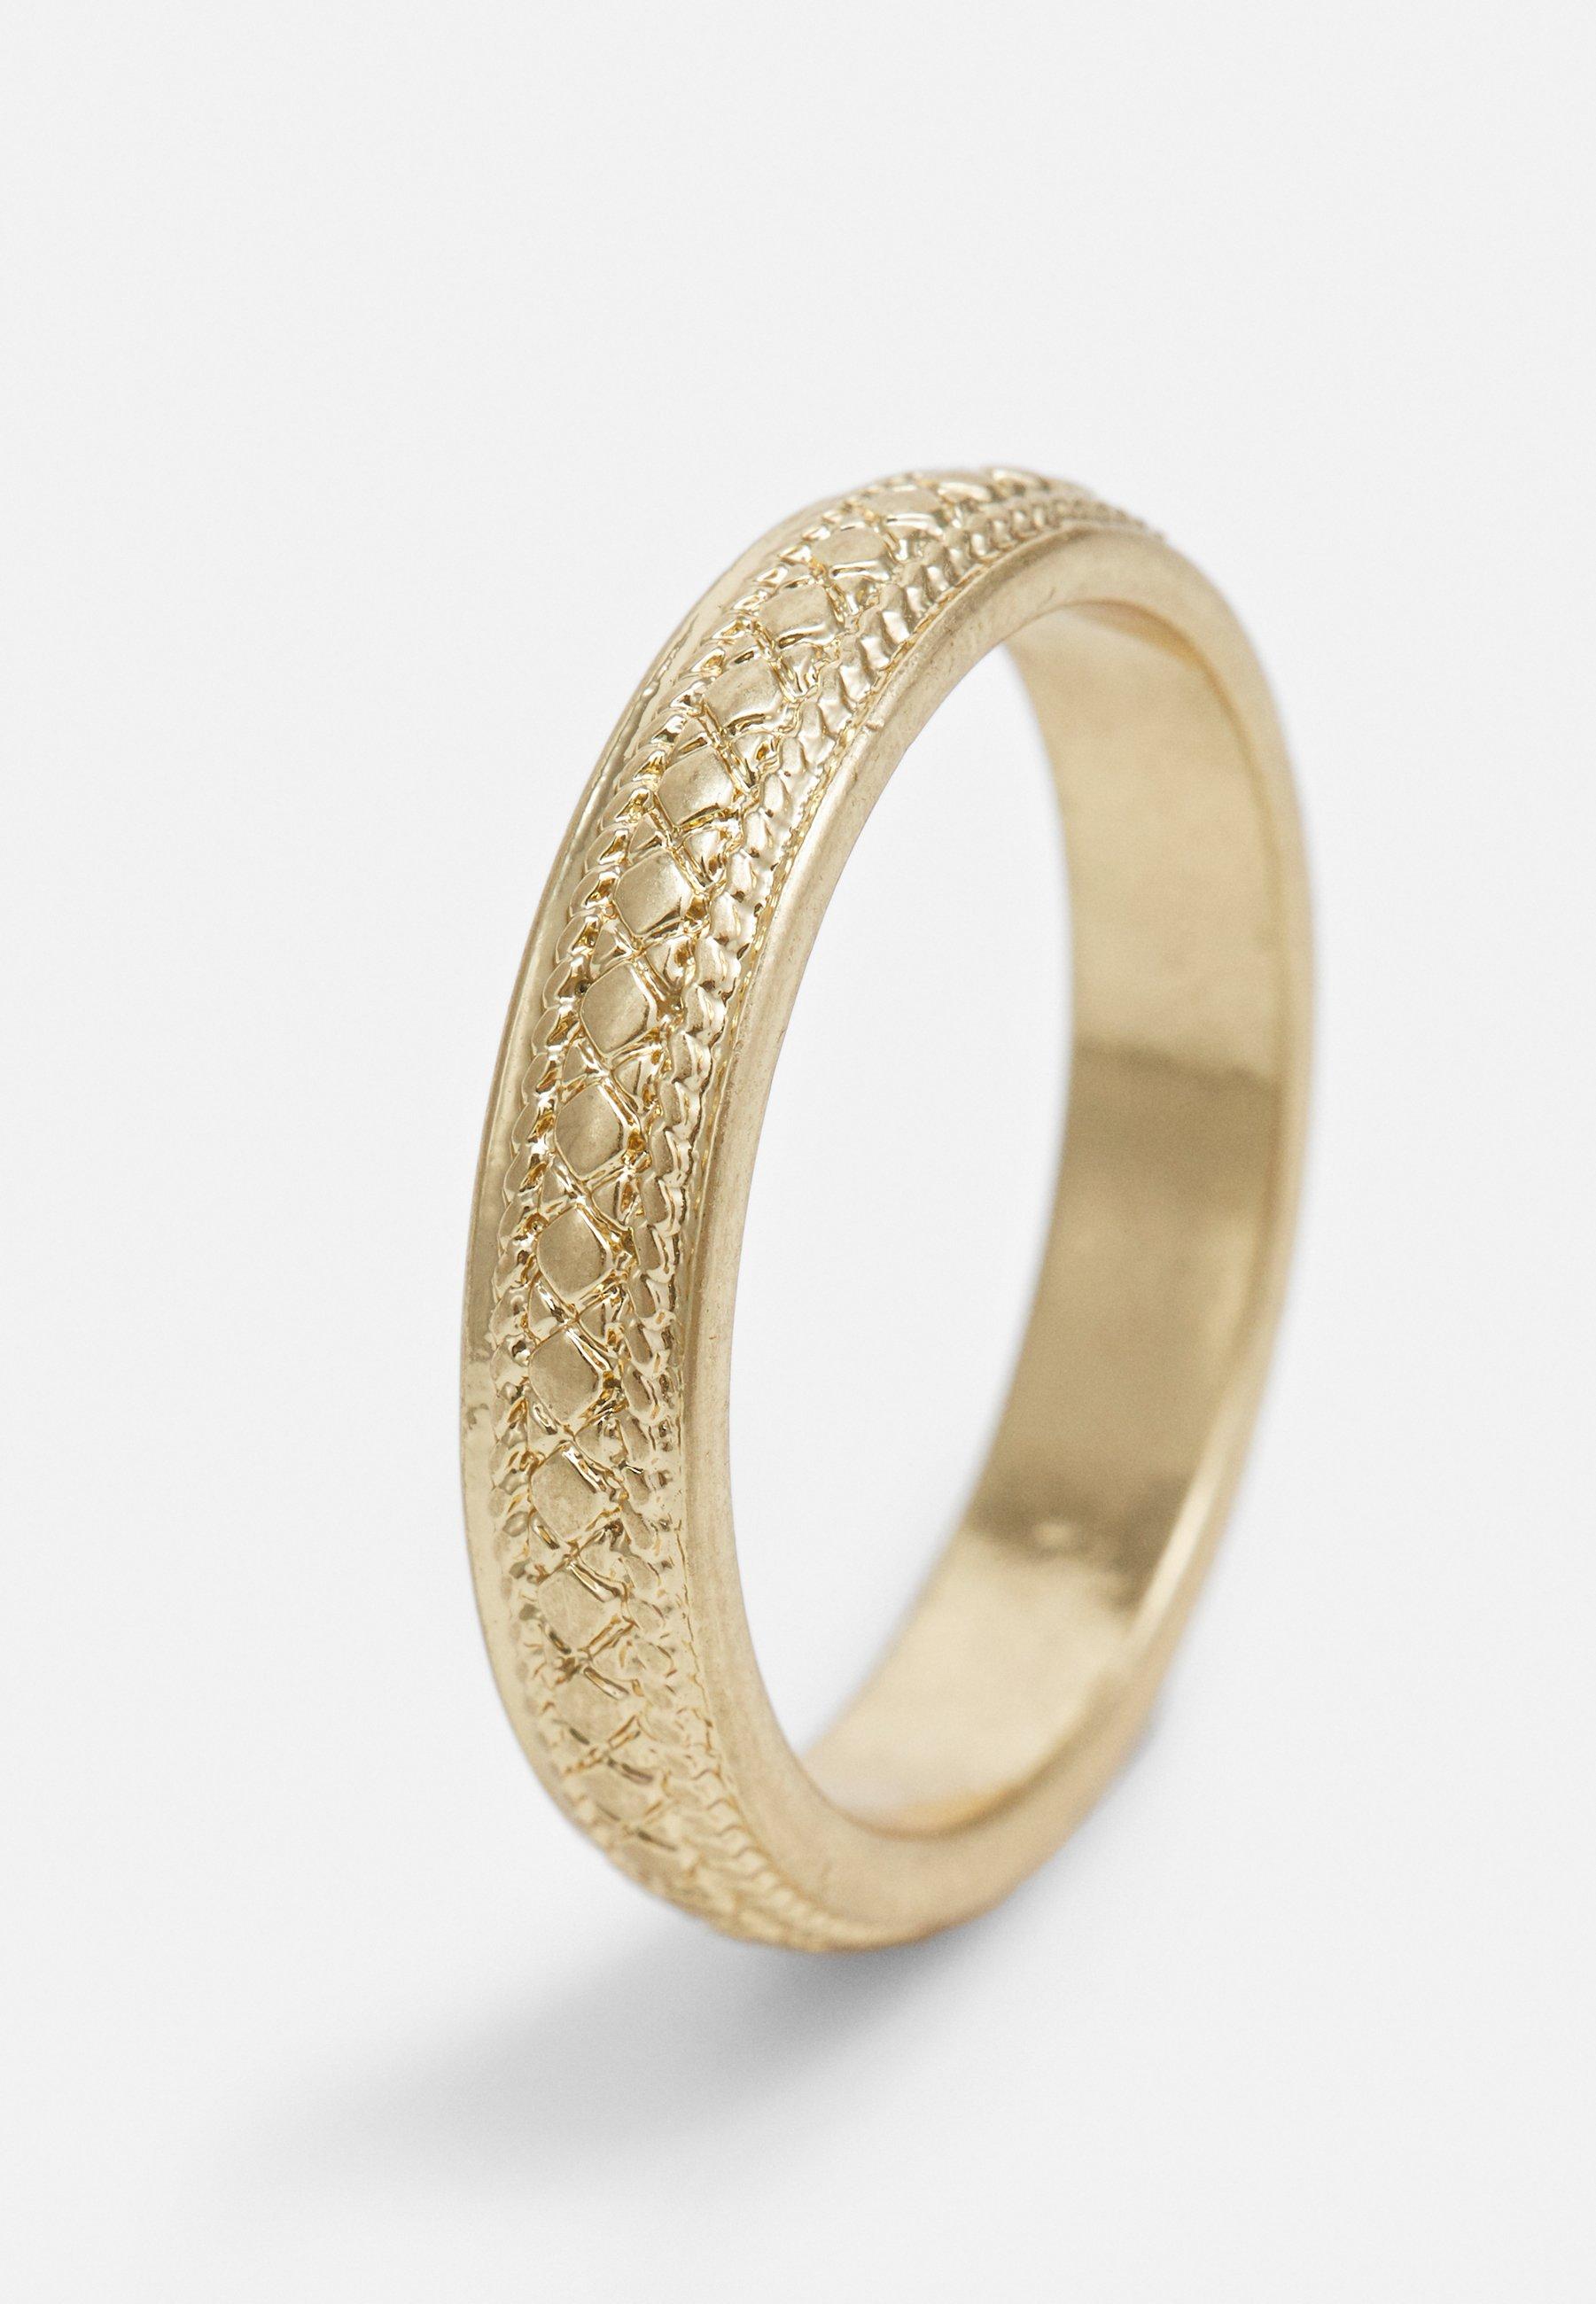 River Island Ring - gold-coloured/gull S9V5X4zHpN1eKP8